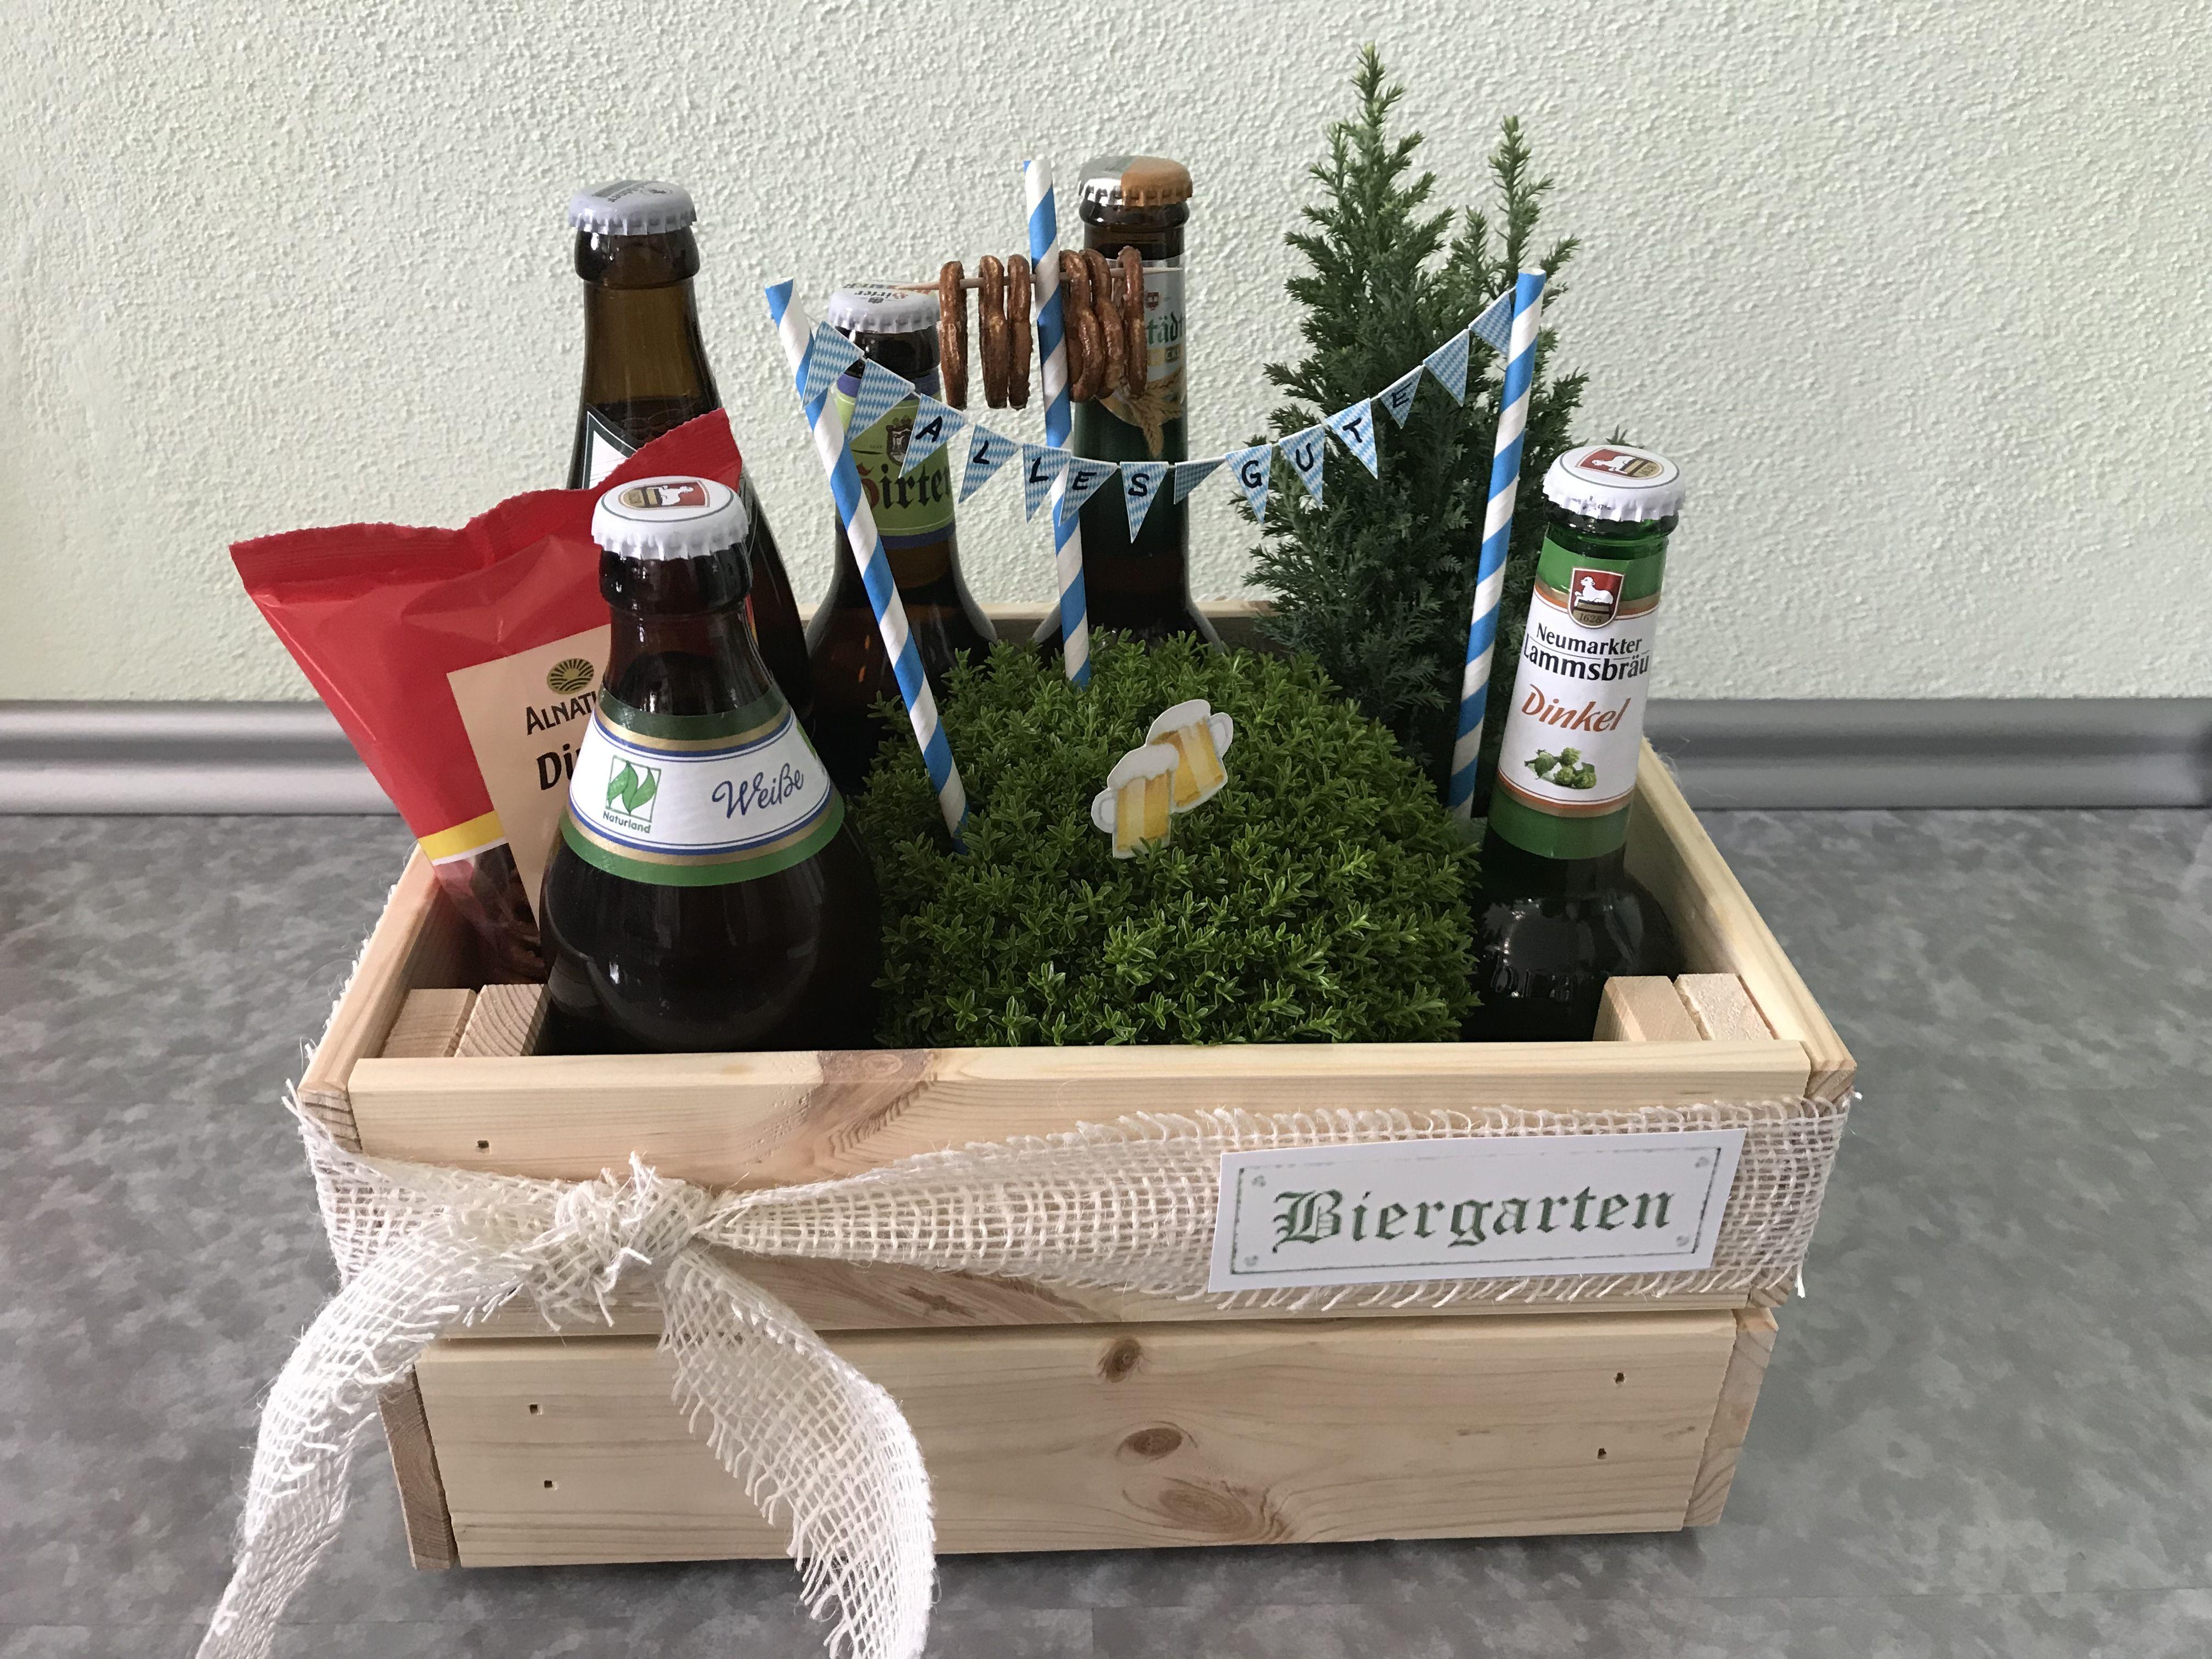 Geschenkidee Mann Selber Machen 30 Geburtstag Geschenk Mann Lustig Frohe Weihnachten